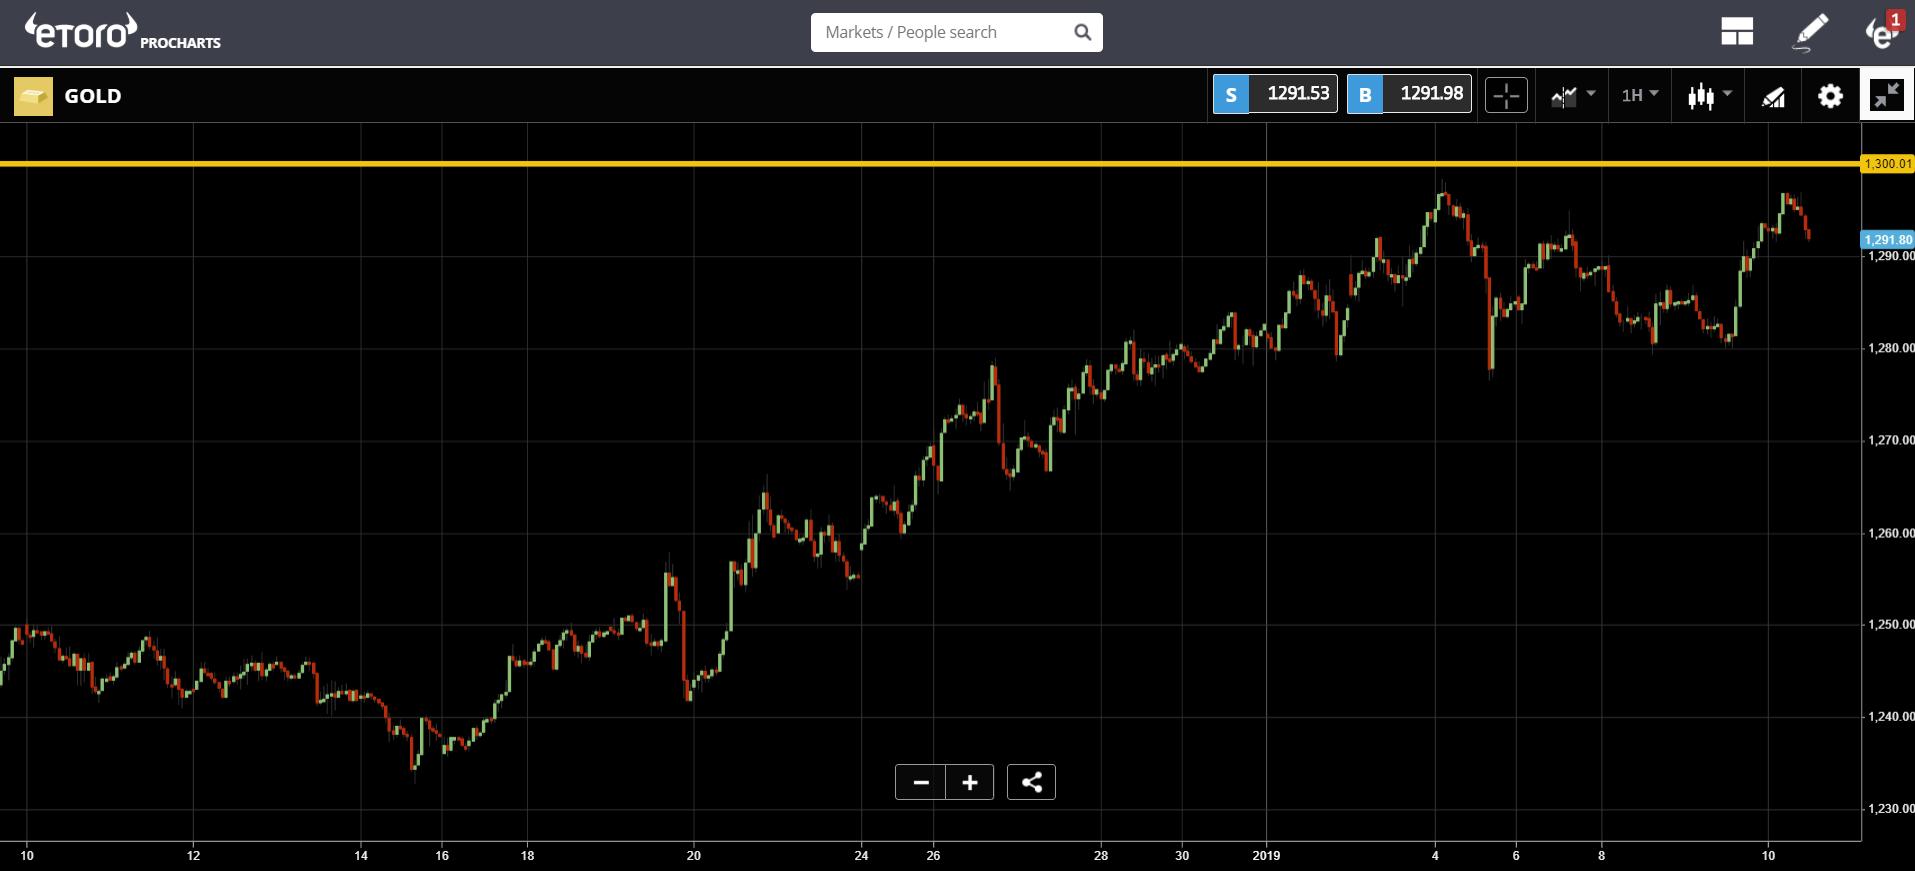 crypto, bitcoin, bank, stocks, trading, markets, dollar